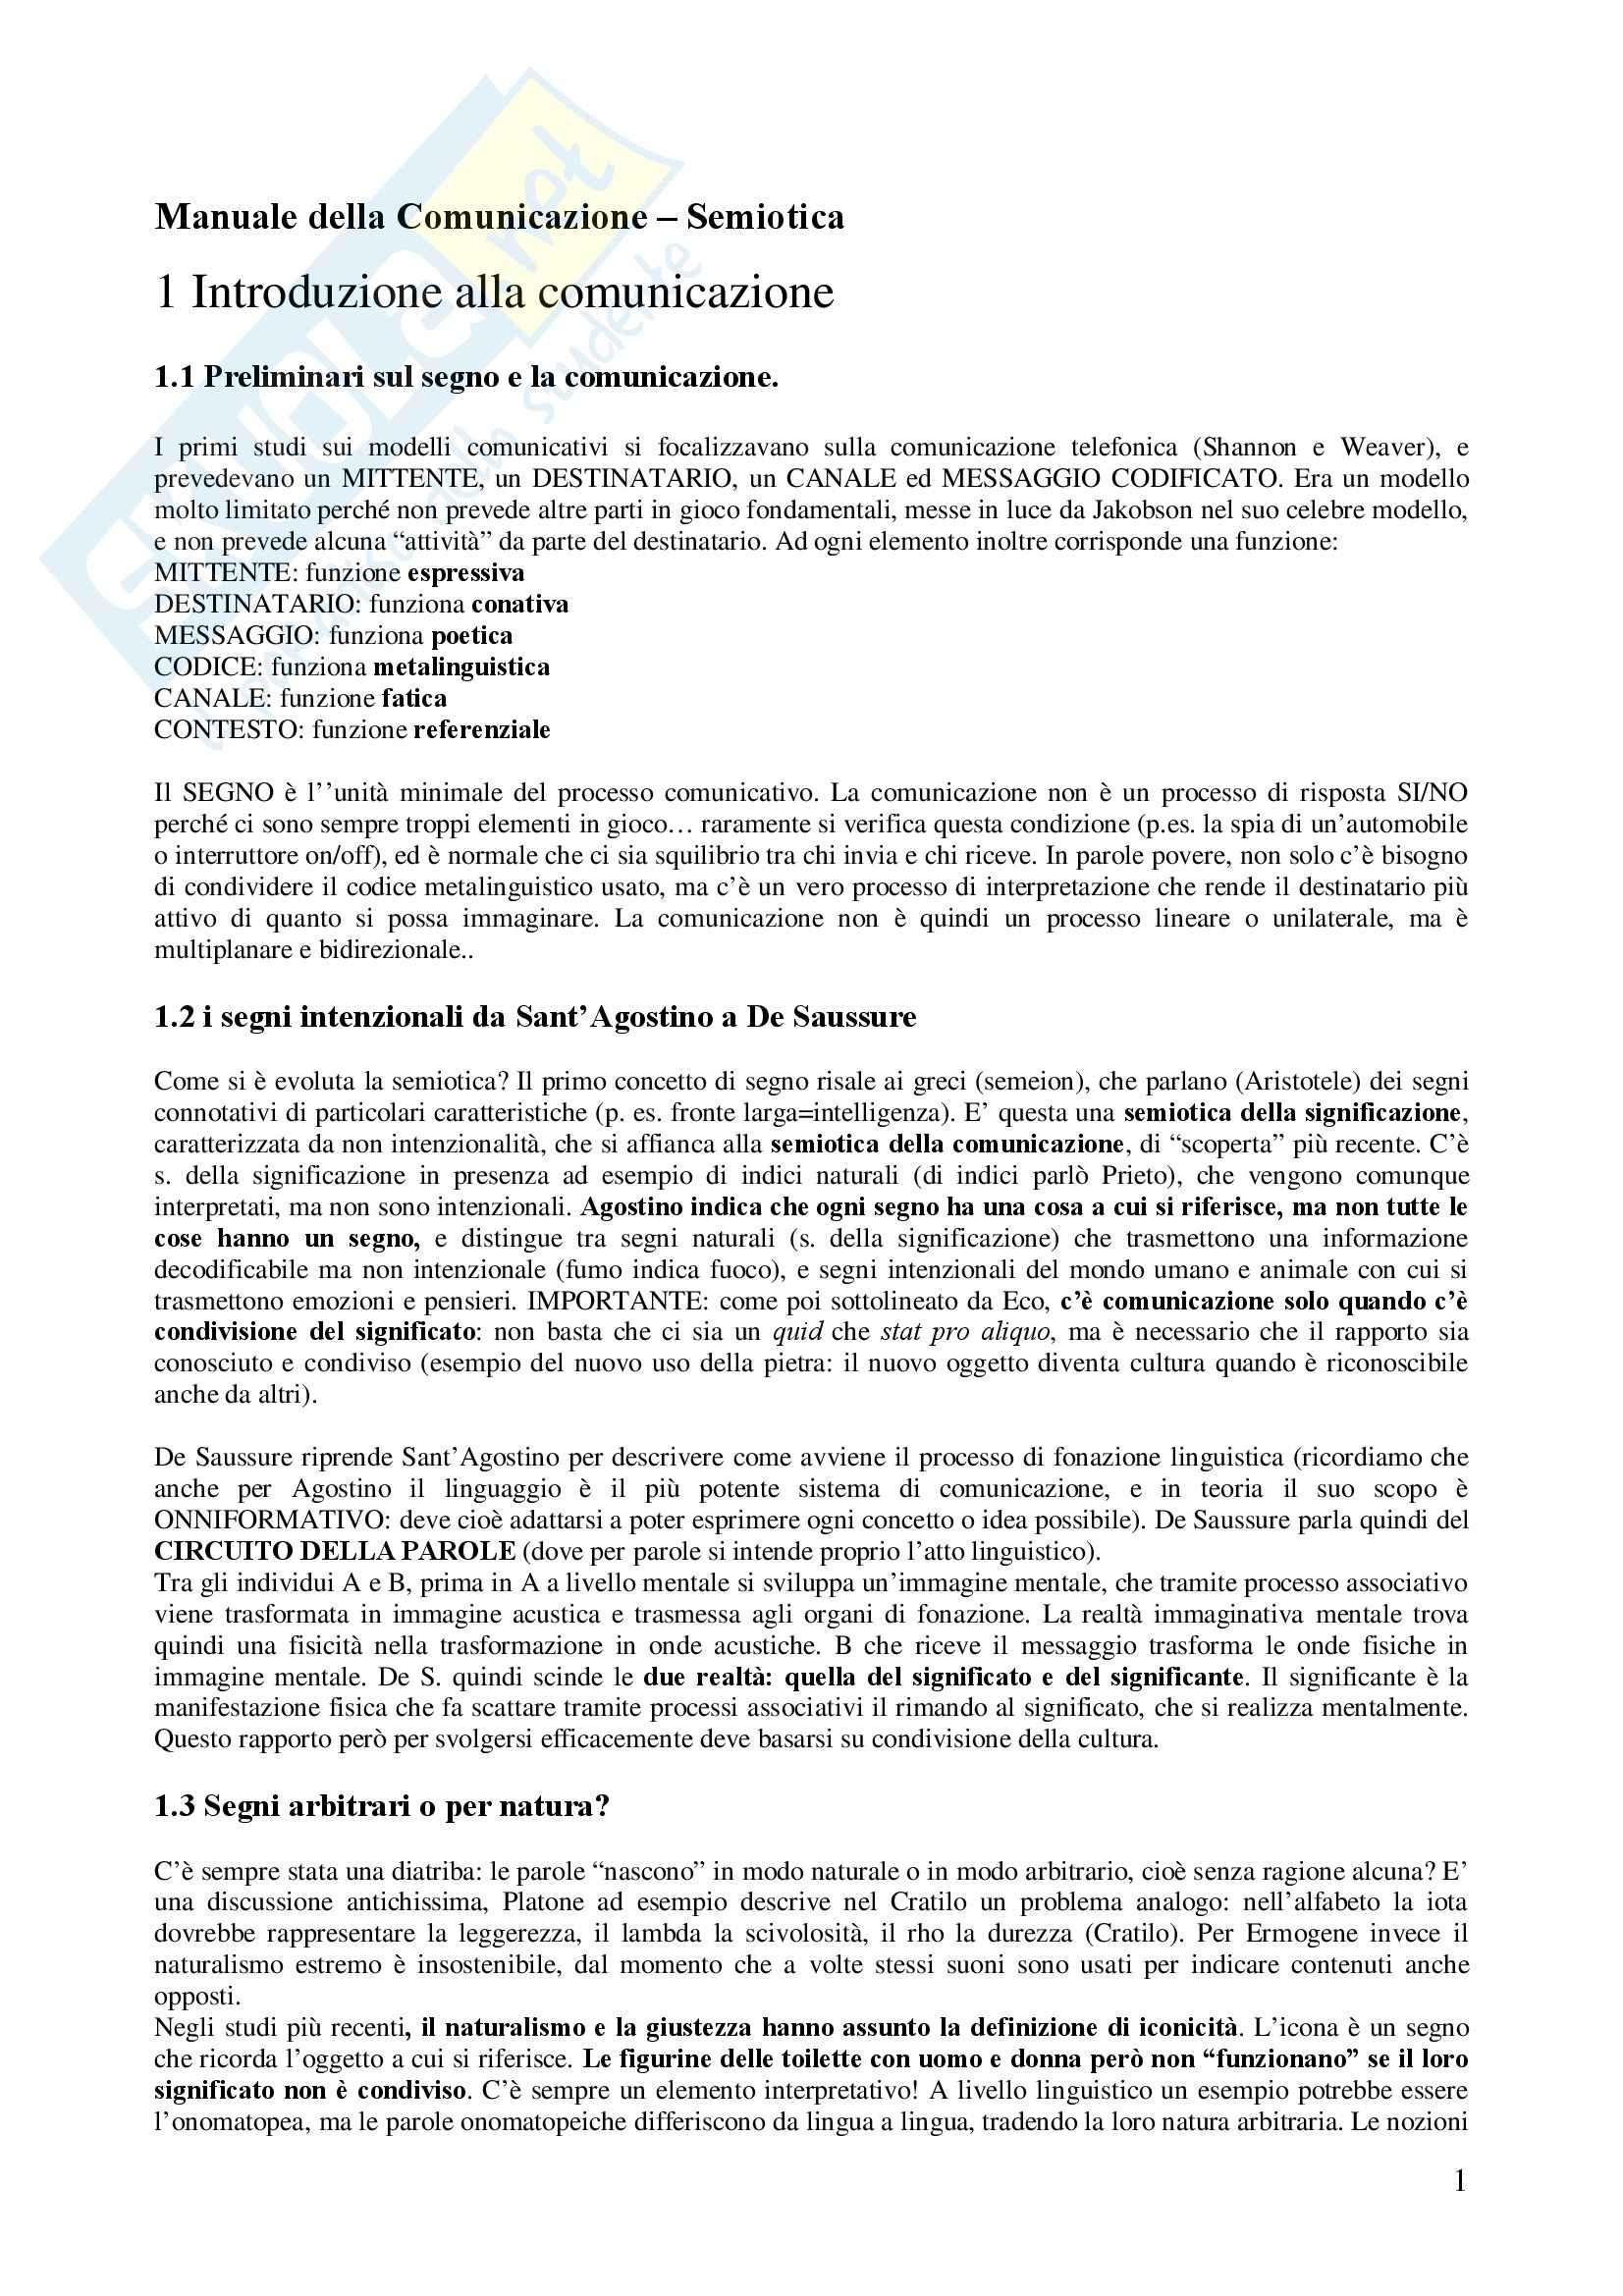 Semiotica - Appunti